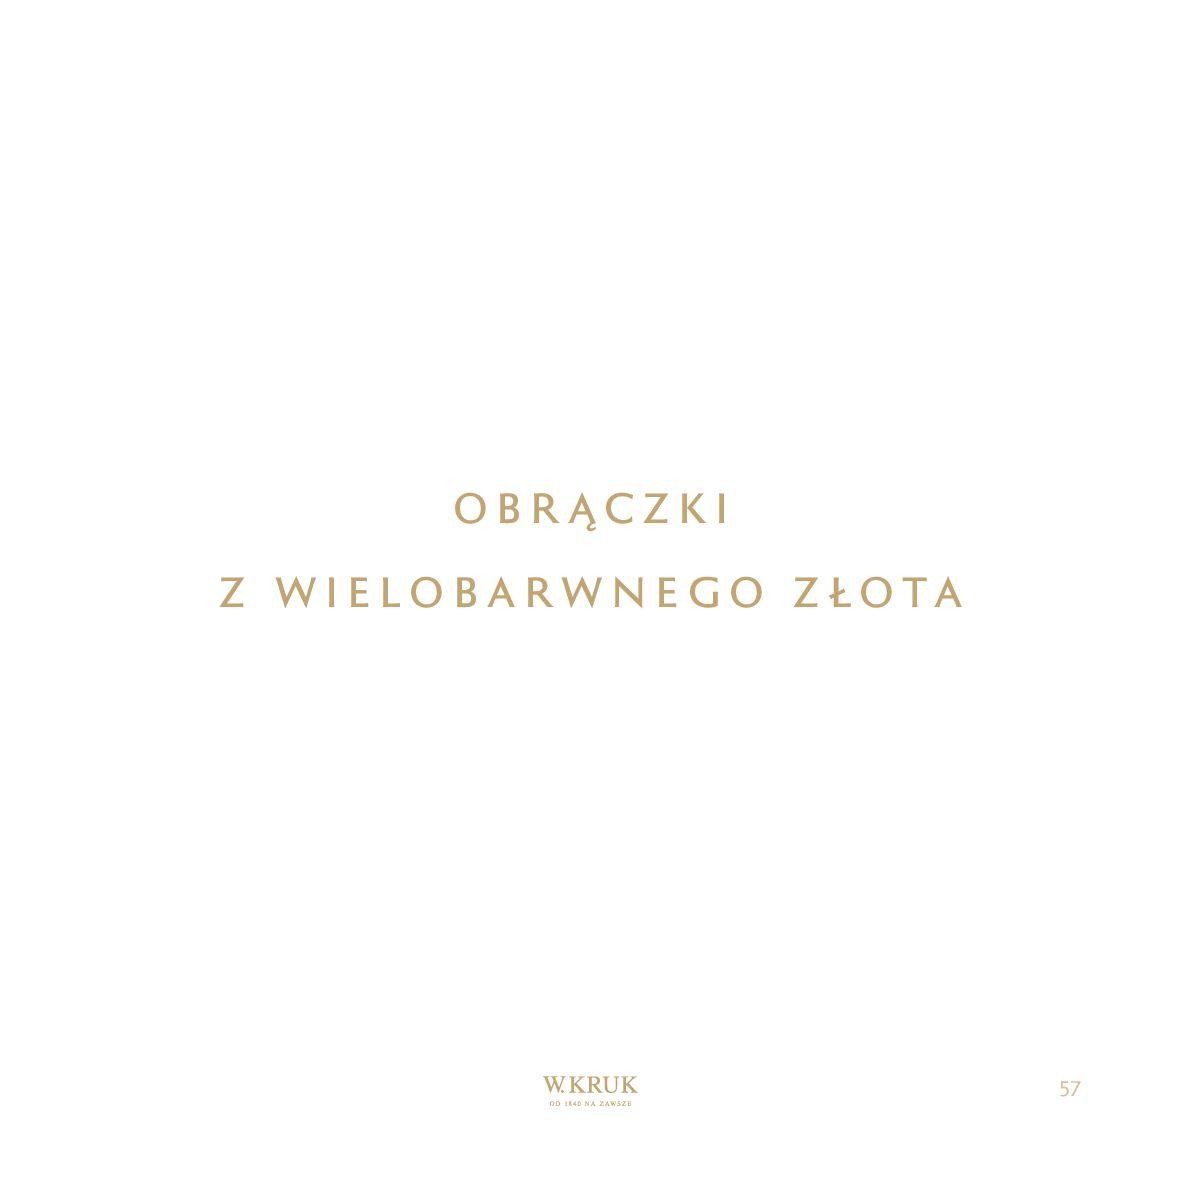 Gazetka W. KRUK: Katalog - Obrączki 2021-02-17 page-59